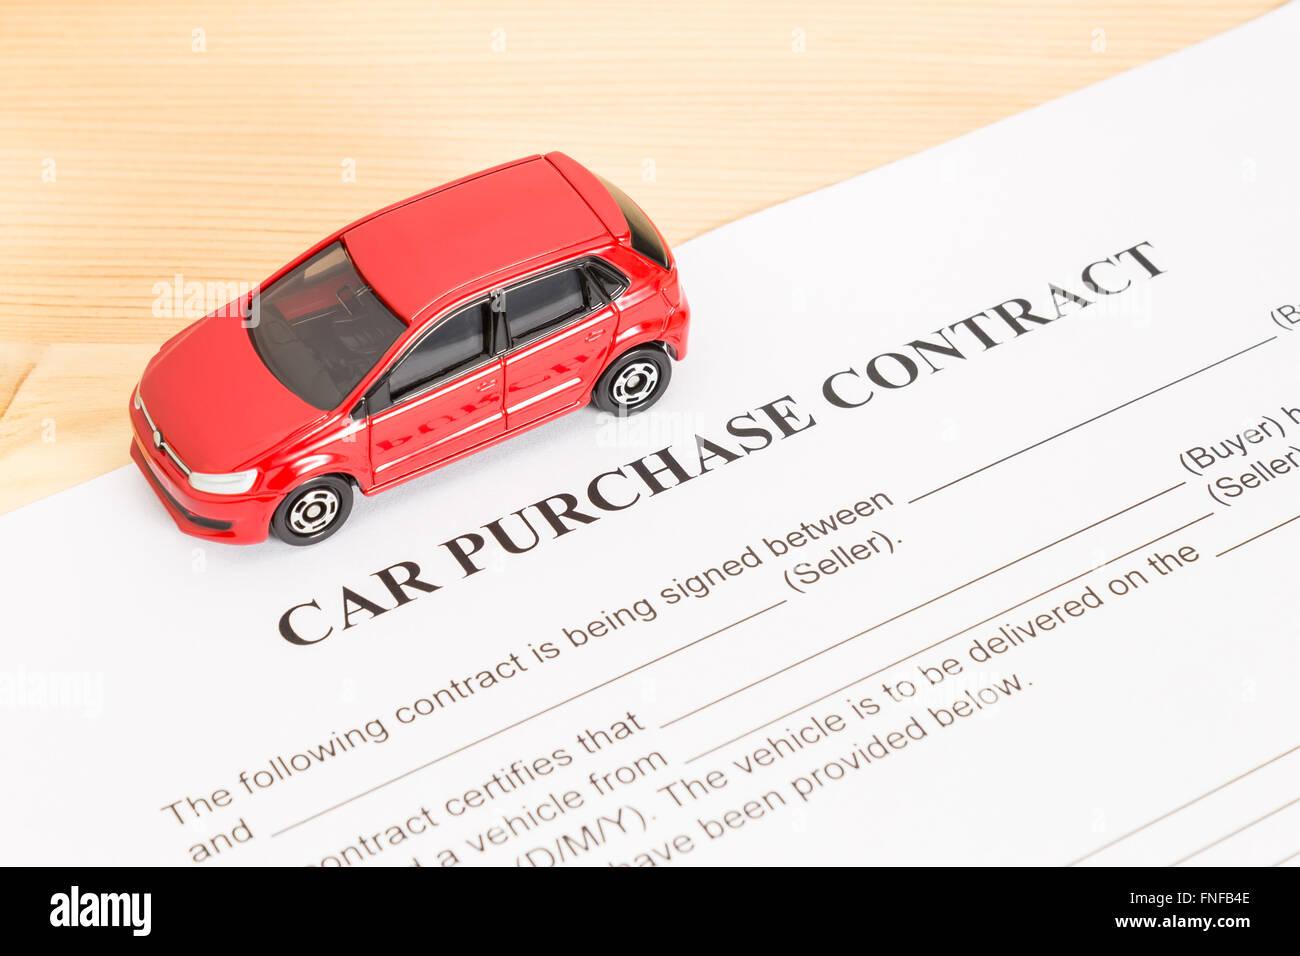 Autokauf Vertrag mit roten Auto auf Ansicht von links. Auto ...